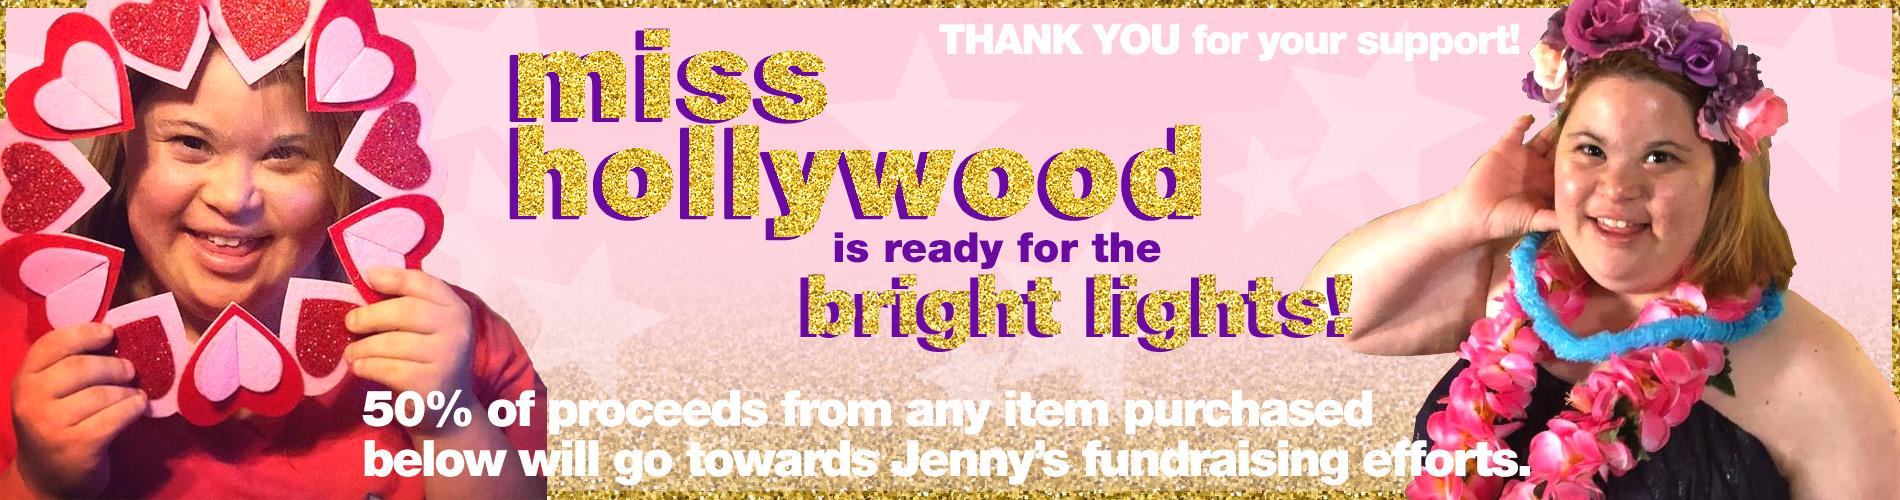 fundraiser-banner-stars.jpg